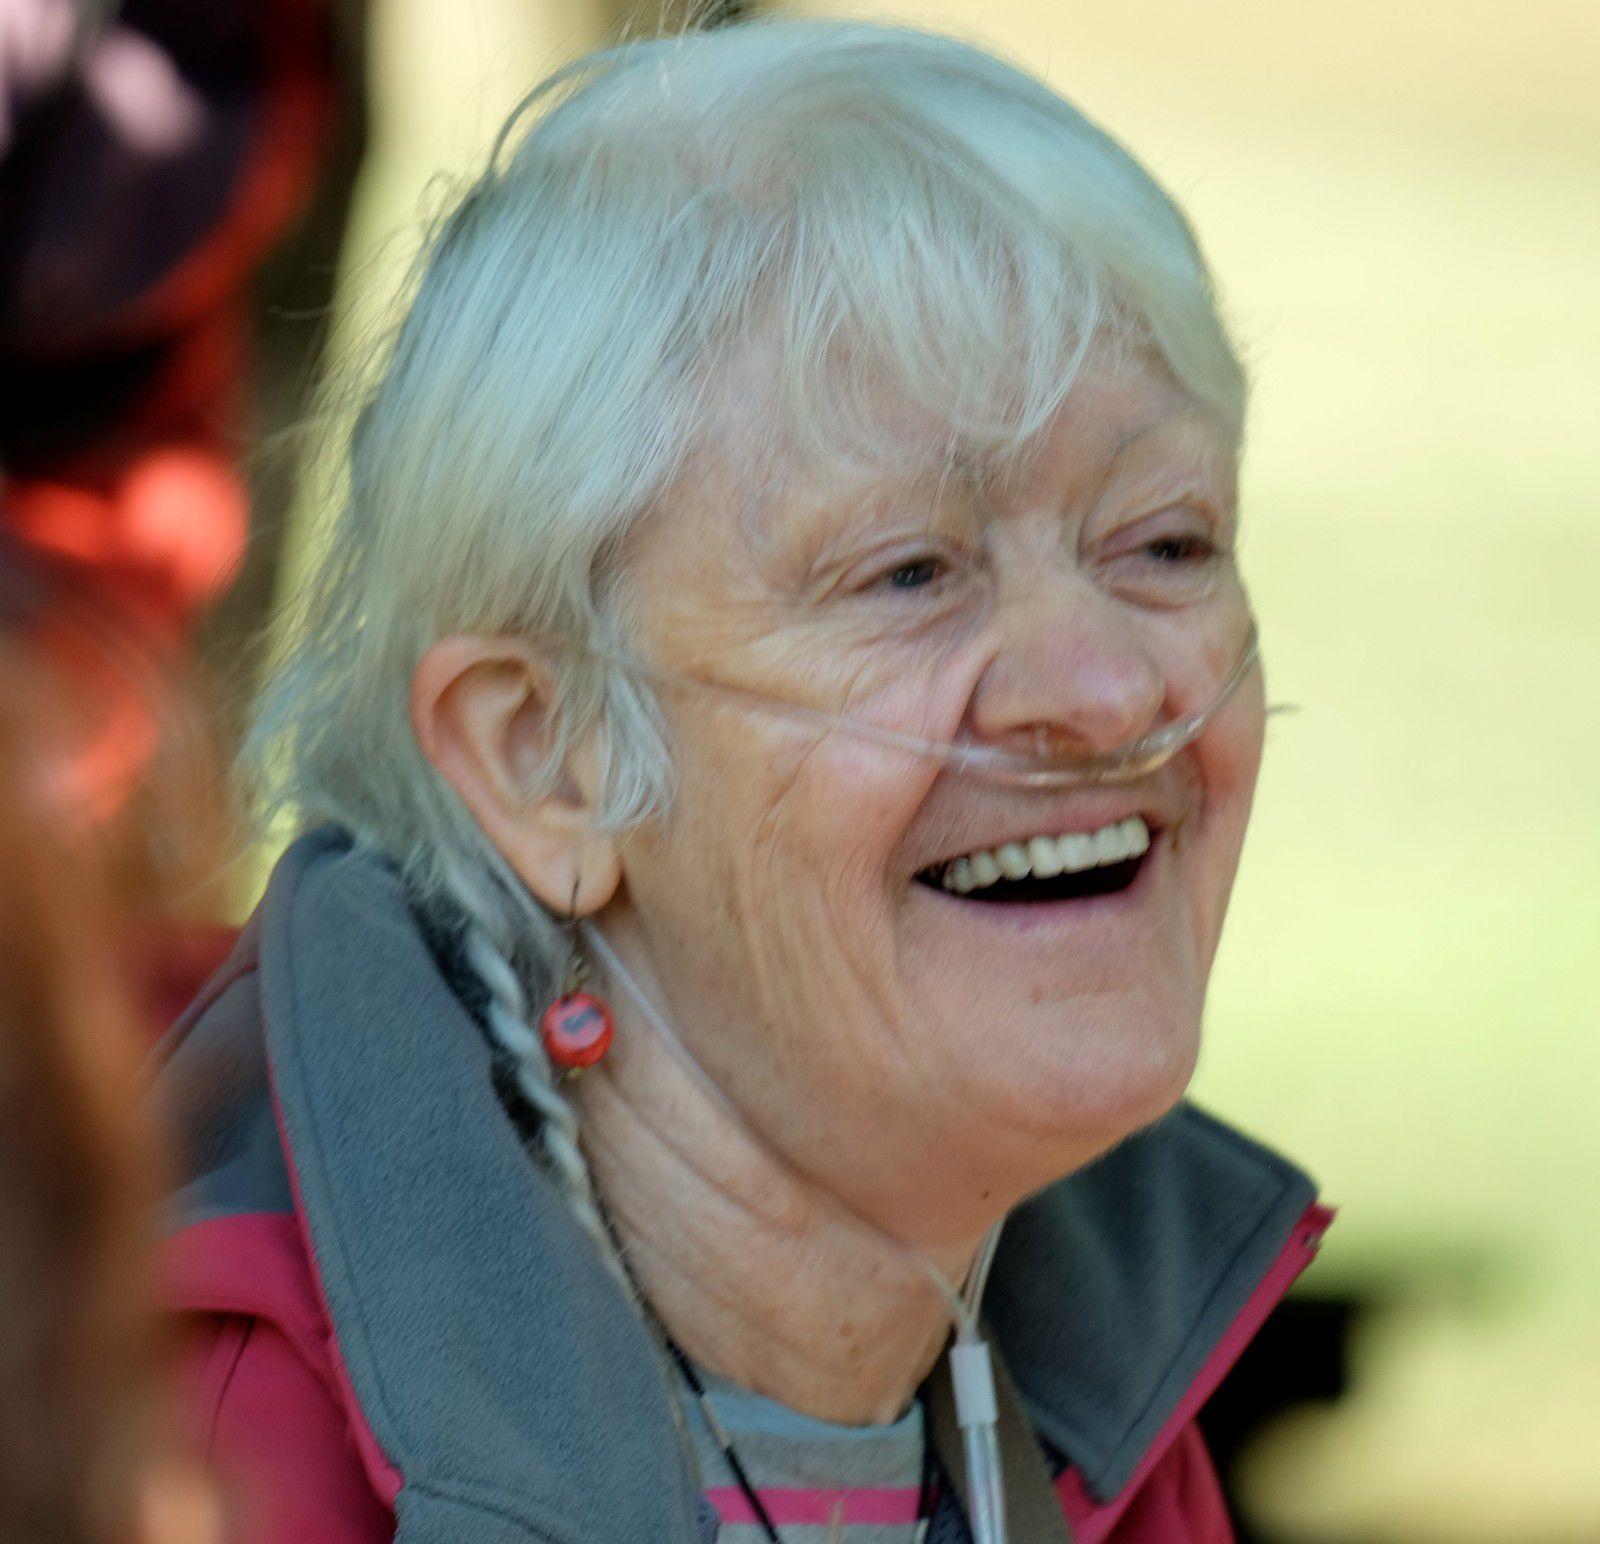 Marie-Françoise, toujours souriante. (Photo AAT)